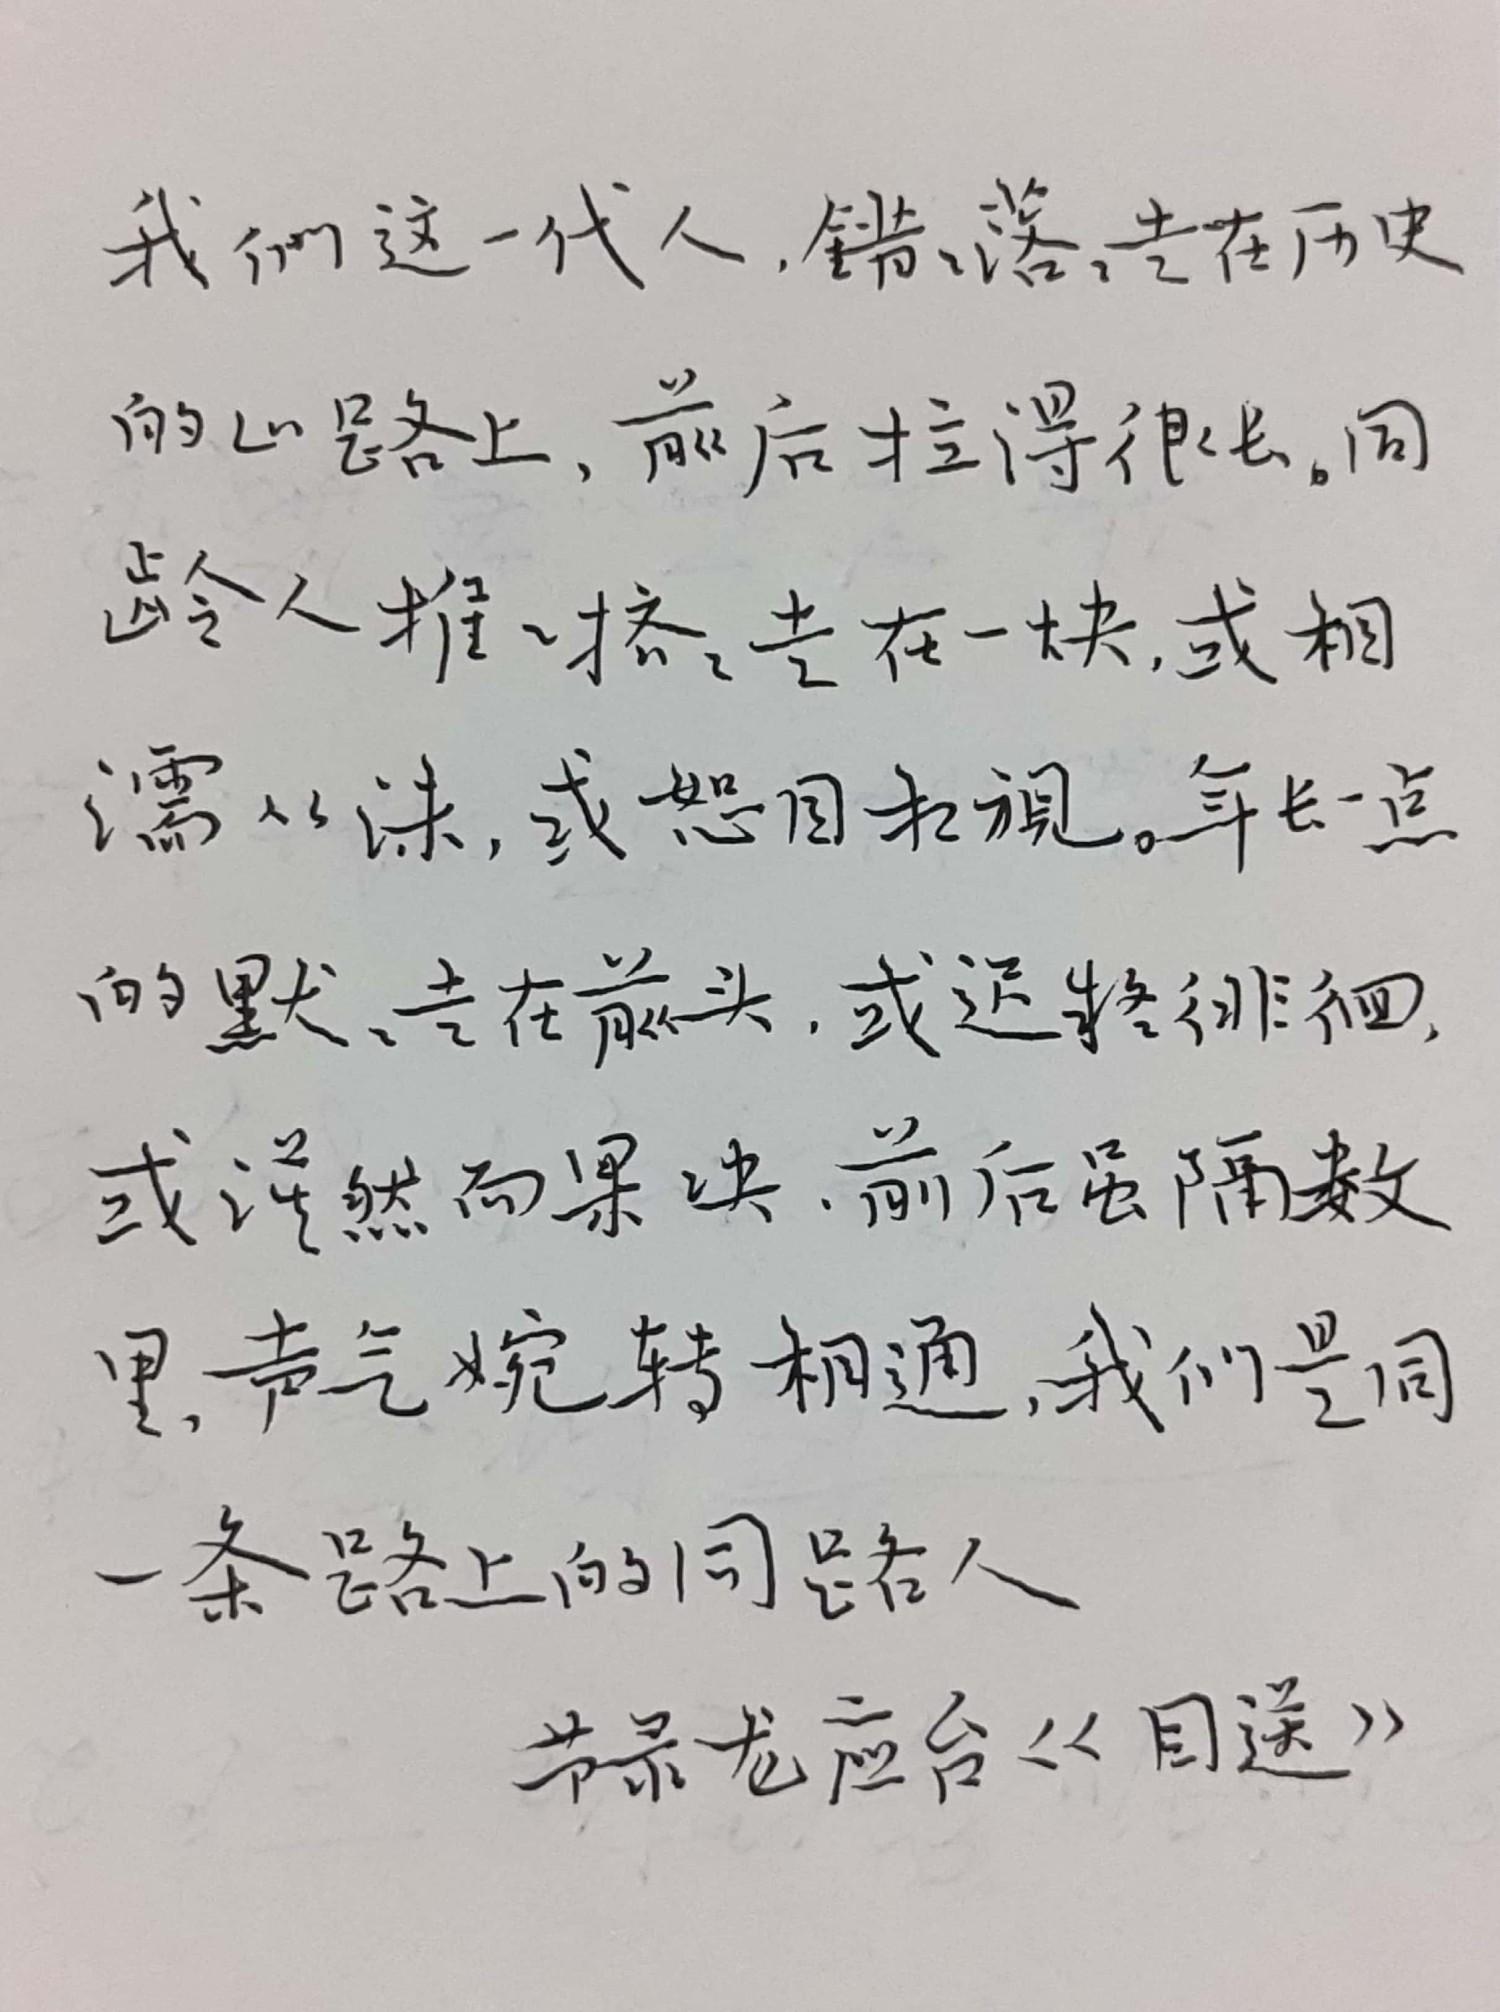 钢笔爱好者练字打卡20210316-23